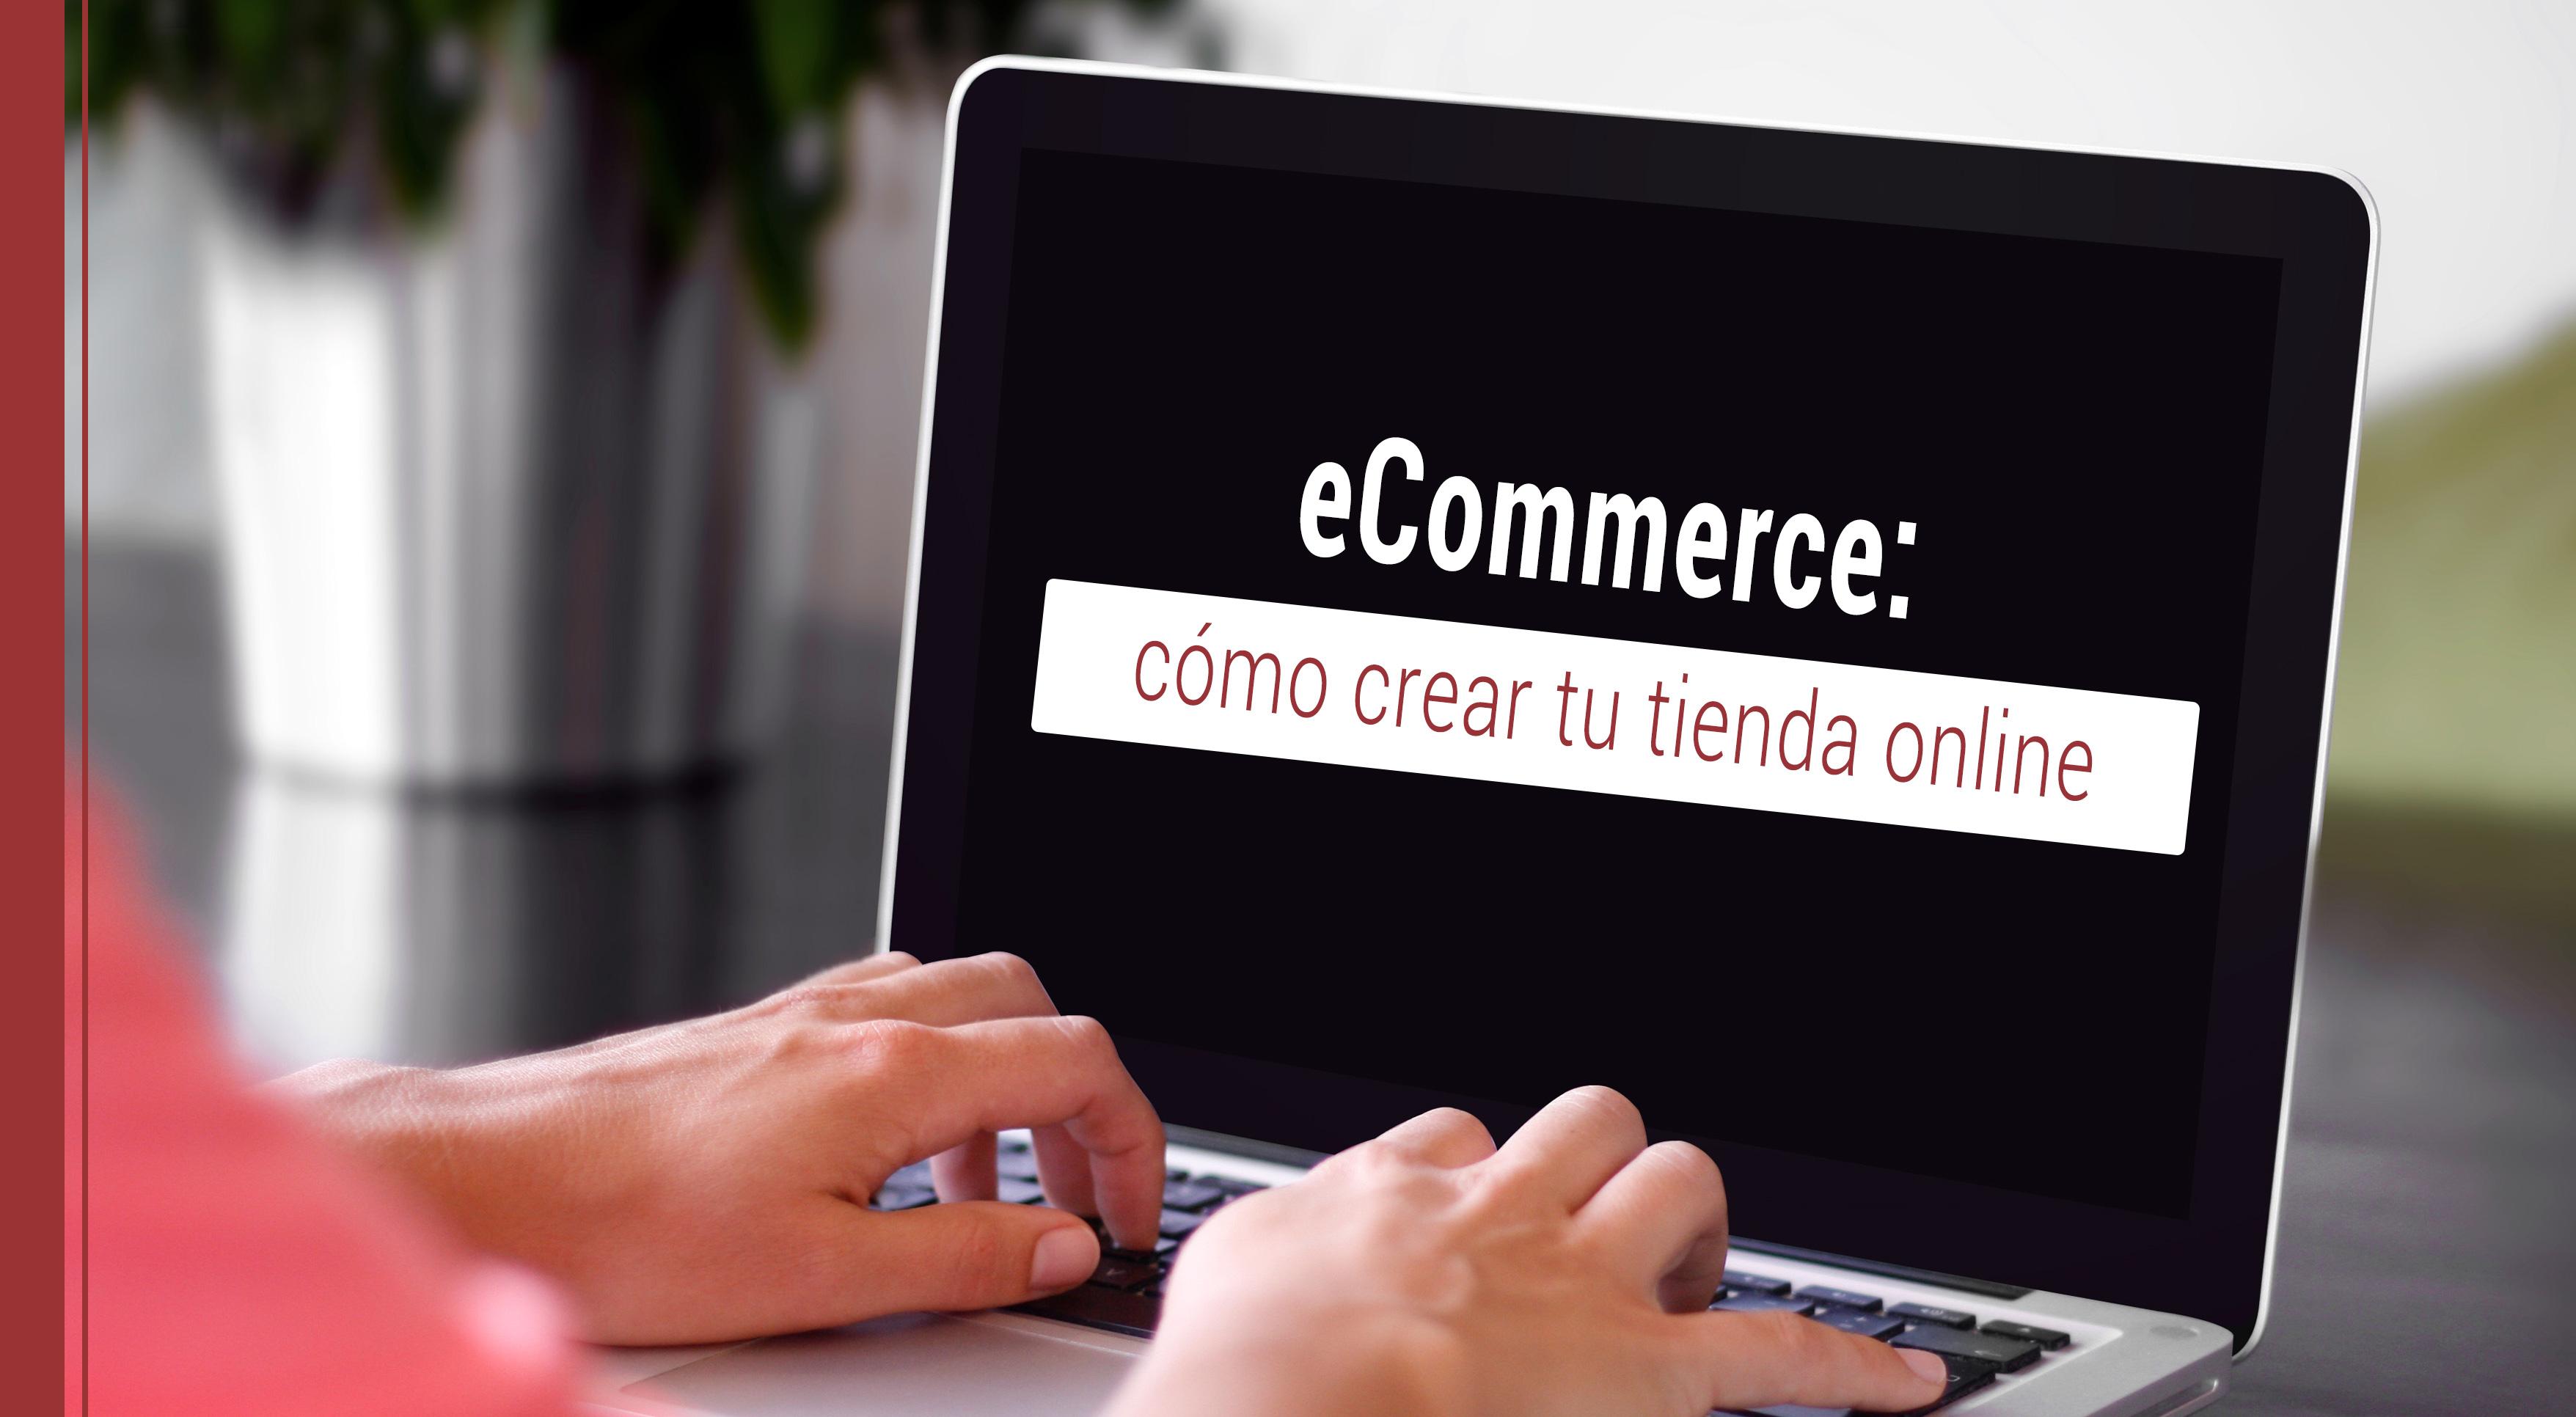 Ecommerce-como-crear-tienda-online